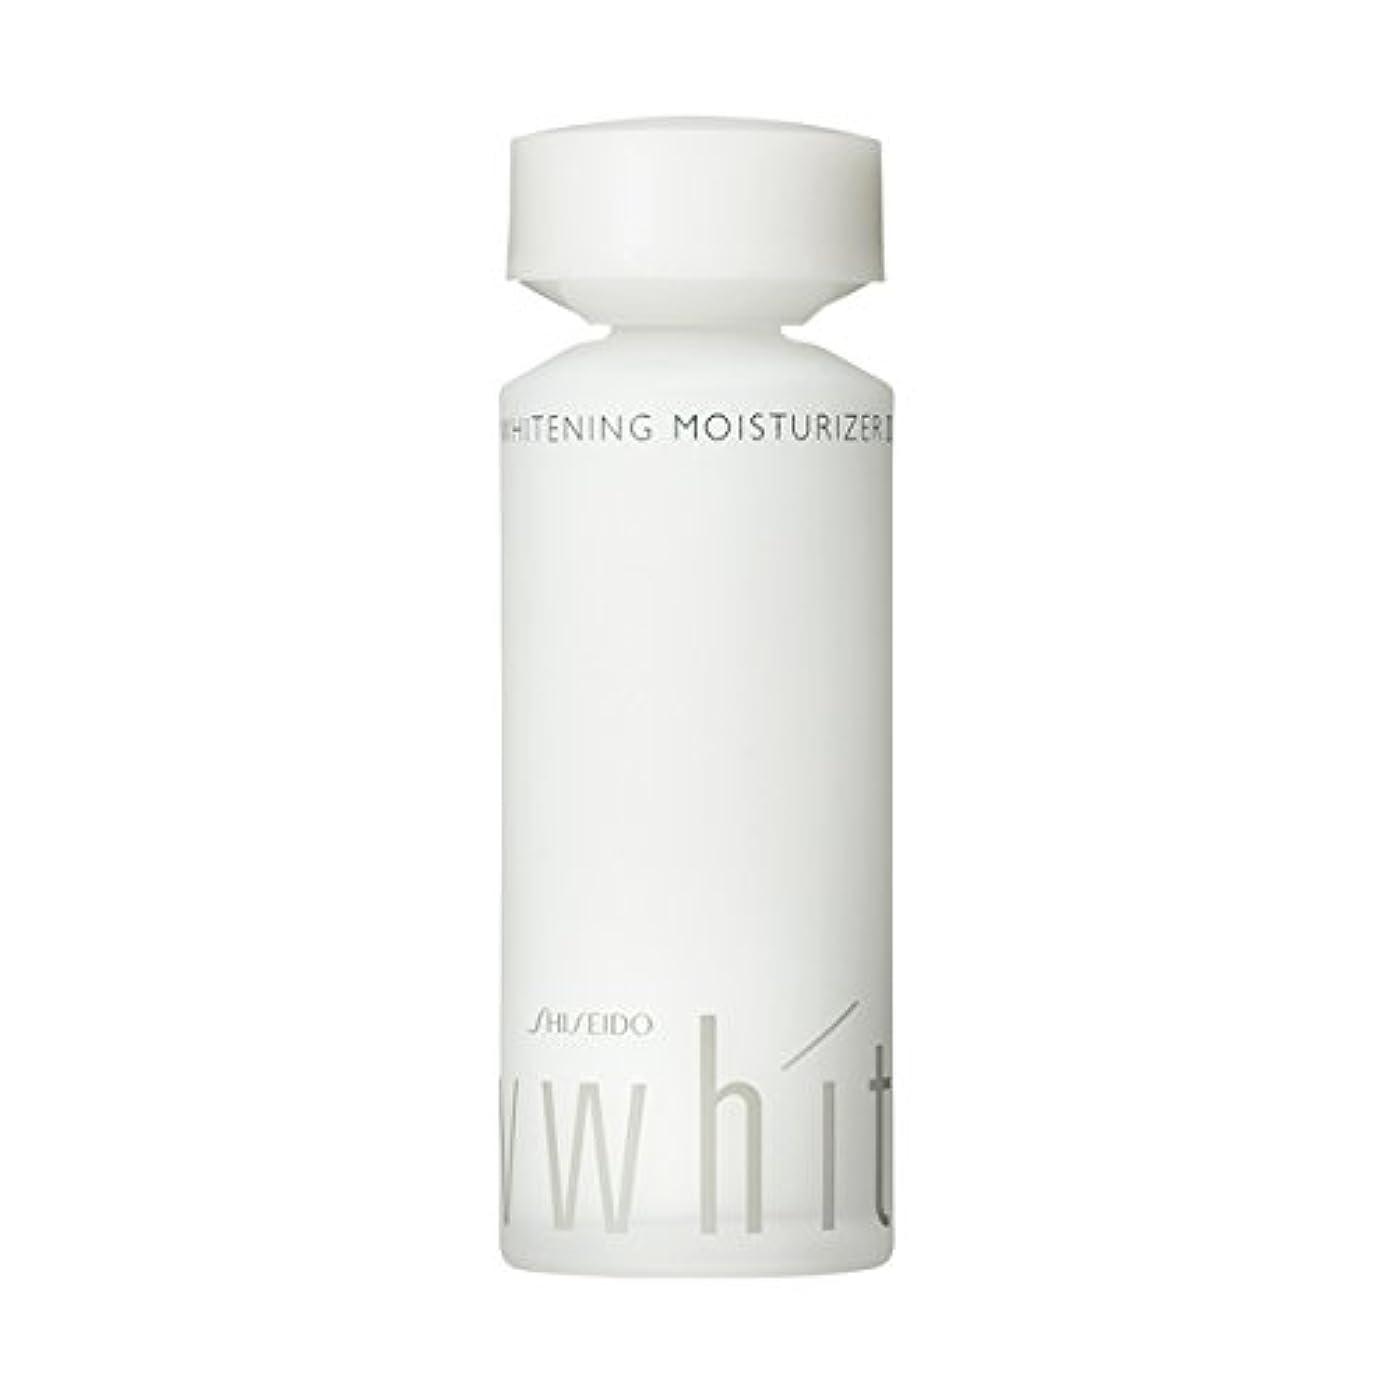 調停するミトン格差UVホワイト ホワイトニング モイスチャーライザー 2 100mL 【医薬部外品】